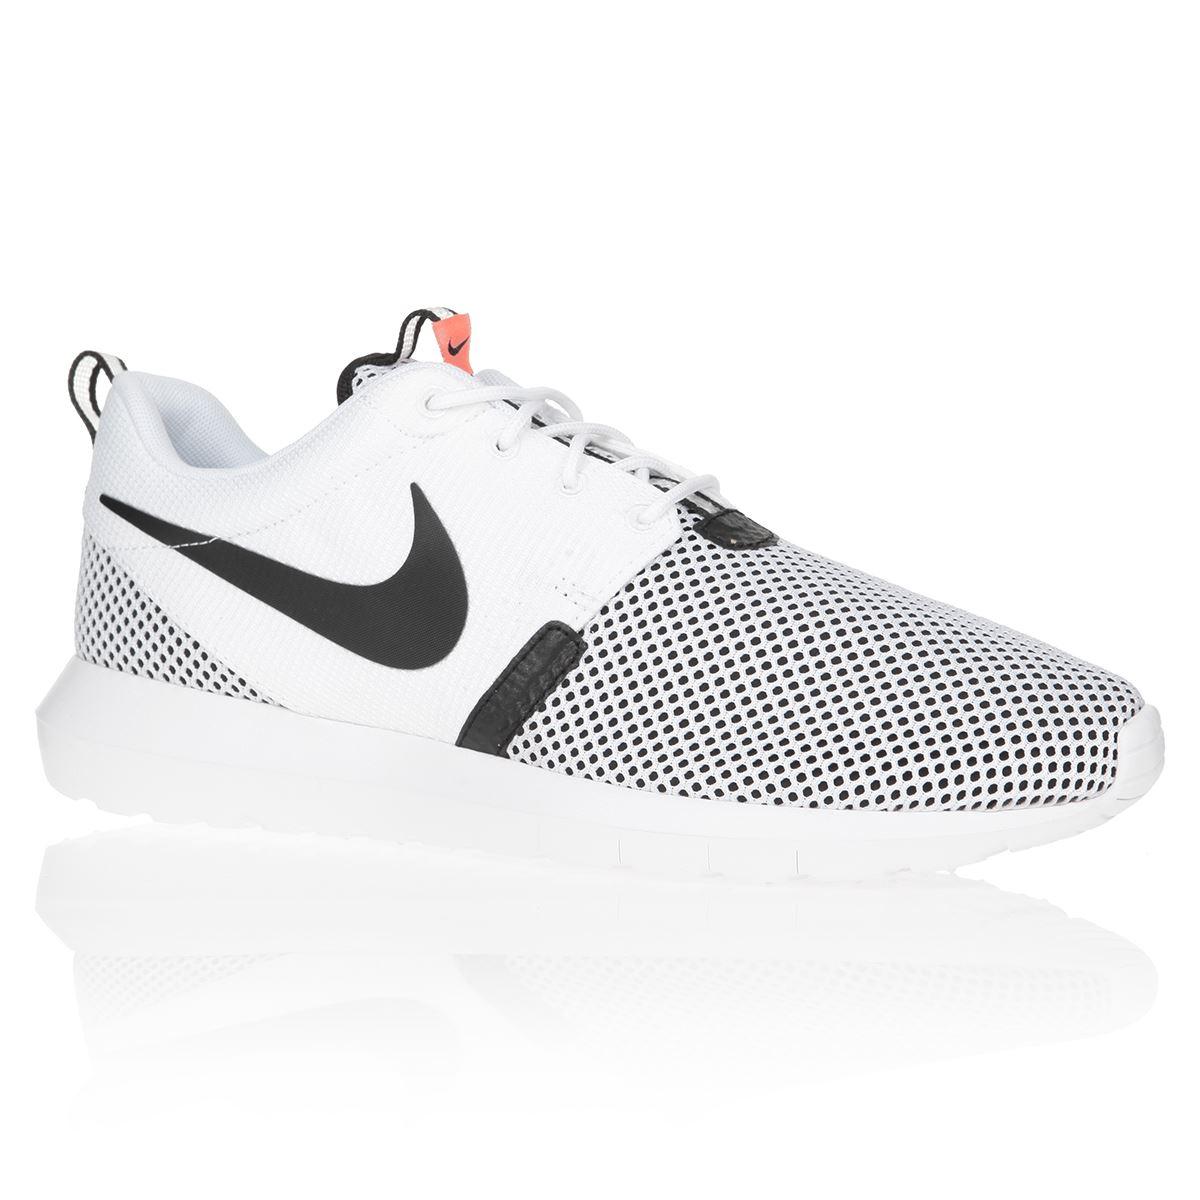 timeless design 39dd4 15274 Acheter Nike Roshe Run Homme Grossiste Jing689